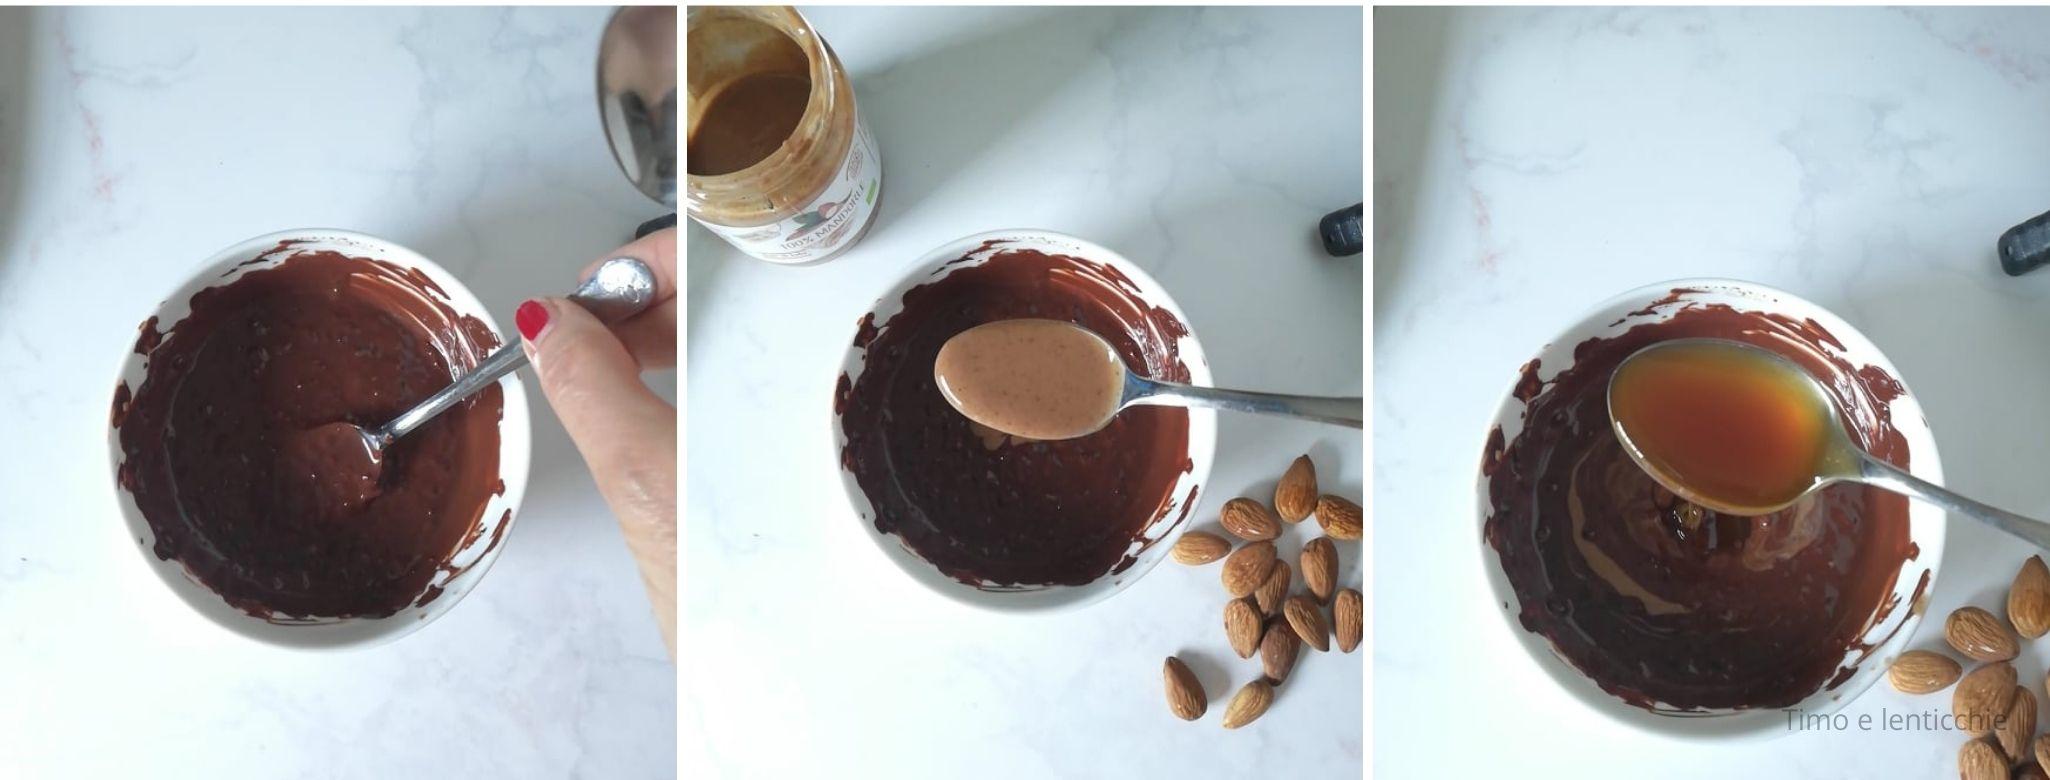 barrette di quinoa al cioccolato (2)